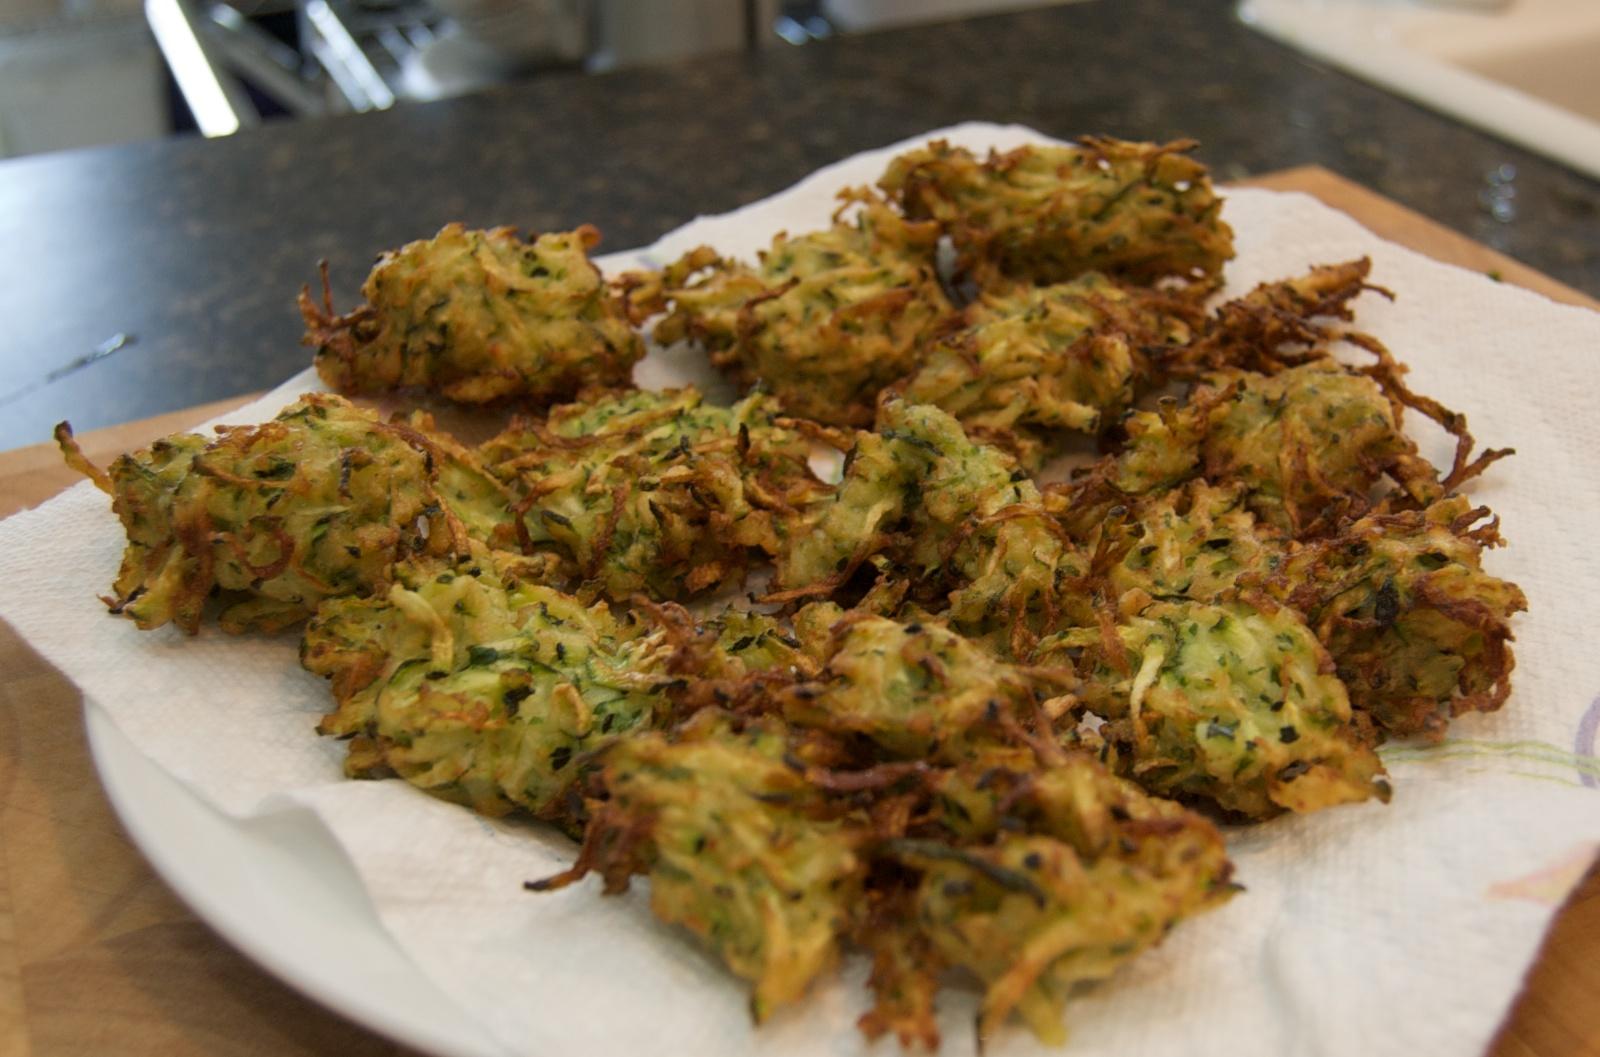 http://blog.rickk.com/food/2010/07/17/zucchinifritters1.jpg